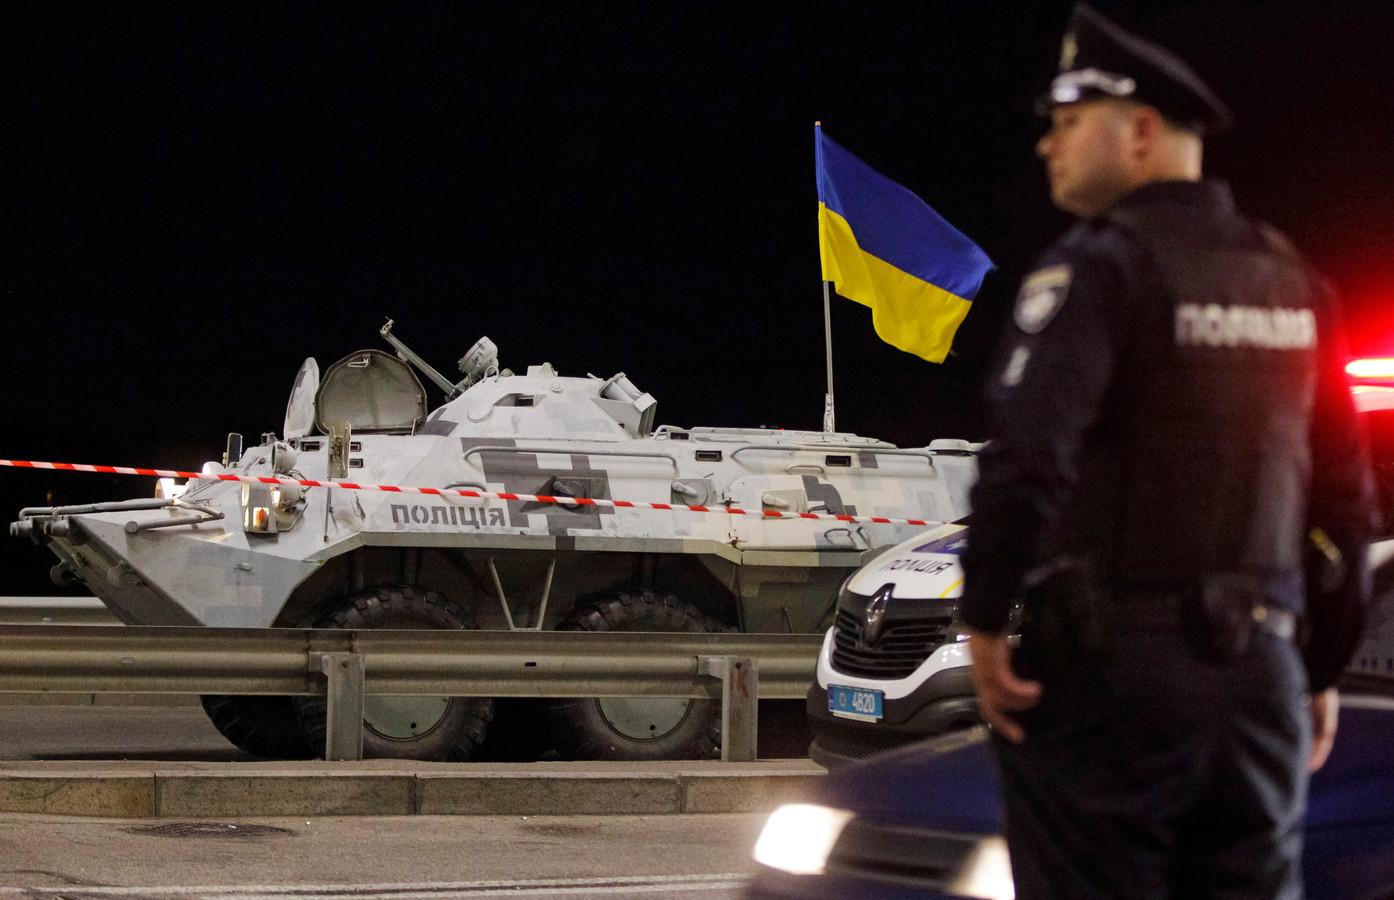 Een groot aantal politieauto's, een pantserwagen en bewapende agenten kwam ter plaatse